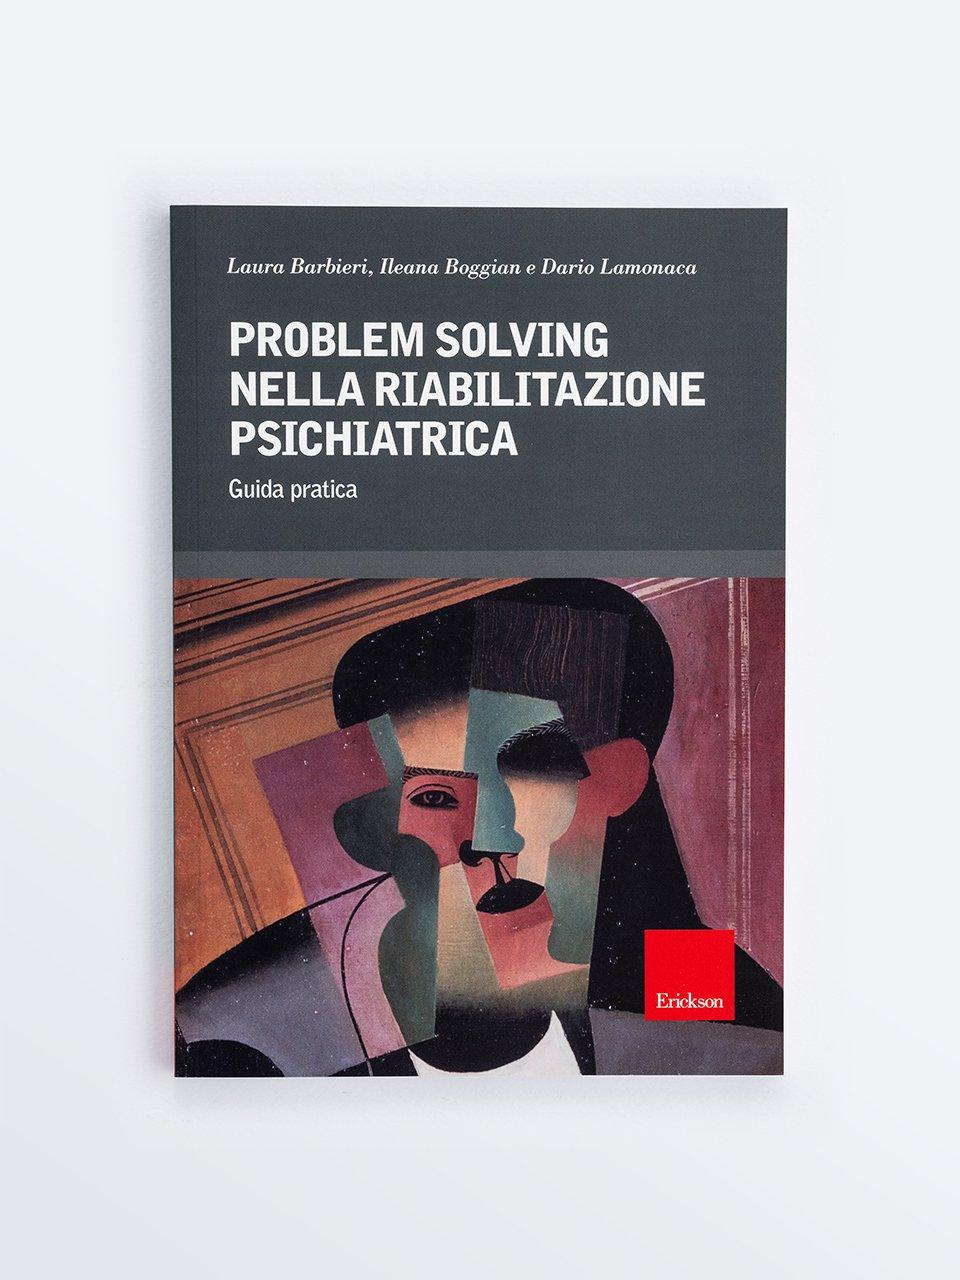 Problem solving nella riabilitazione psichiatrica - Rosalie va a passeggio - Libri - Erickson